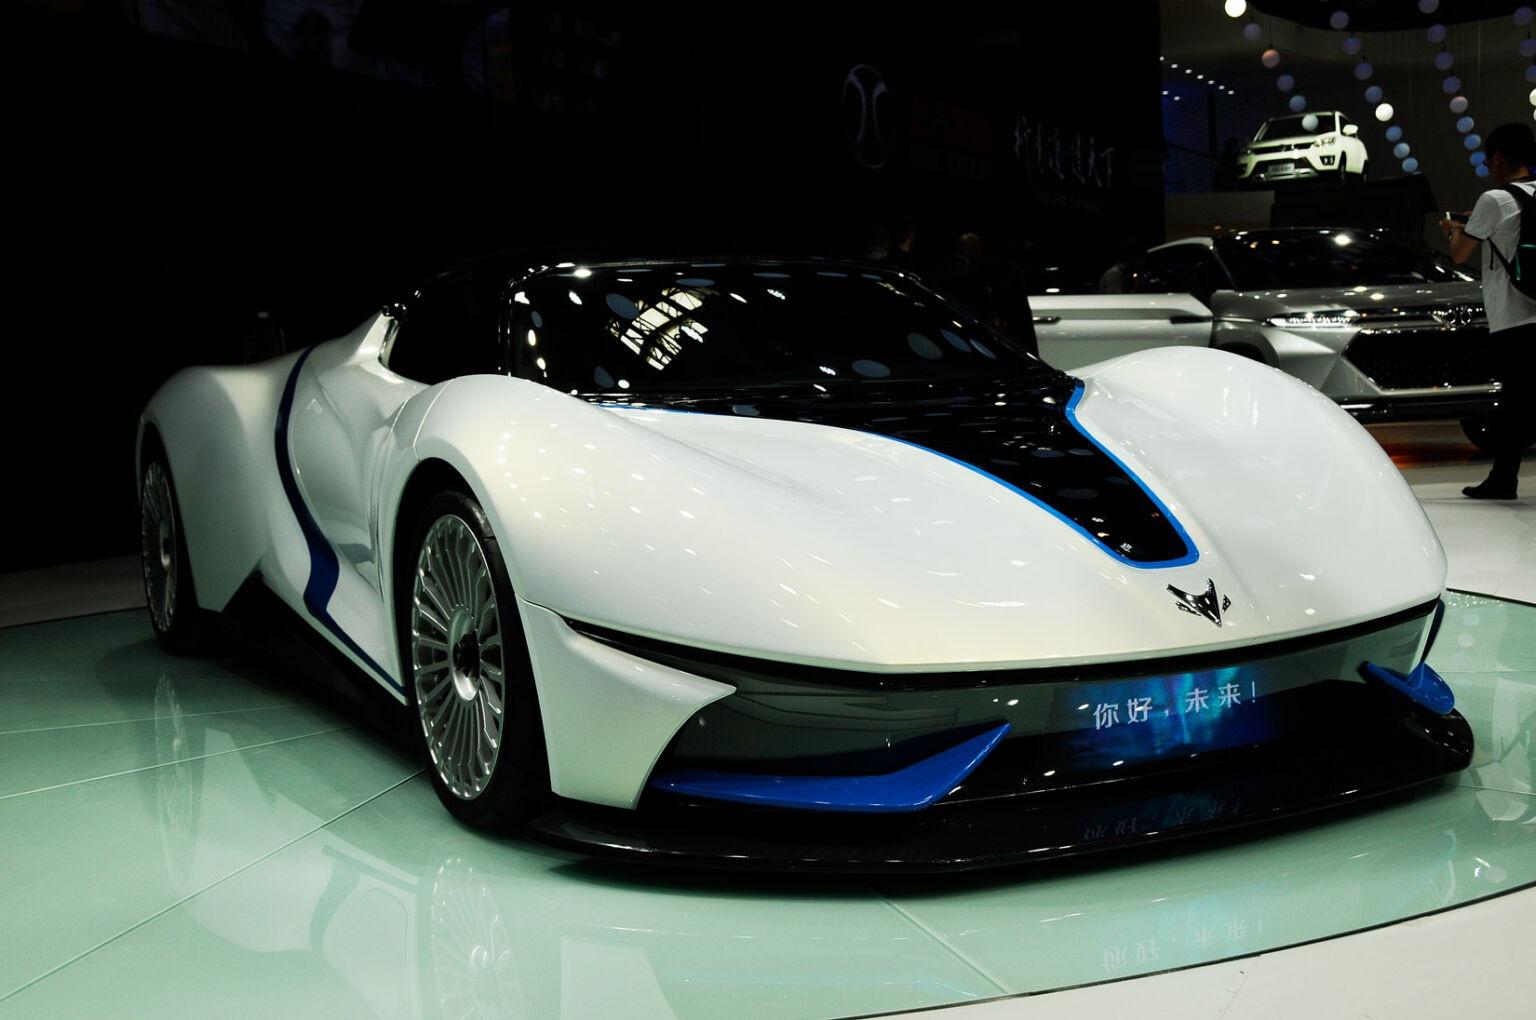 Đội hình siêu xe Trung Quốc đắt giá nhất - ảnh 4